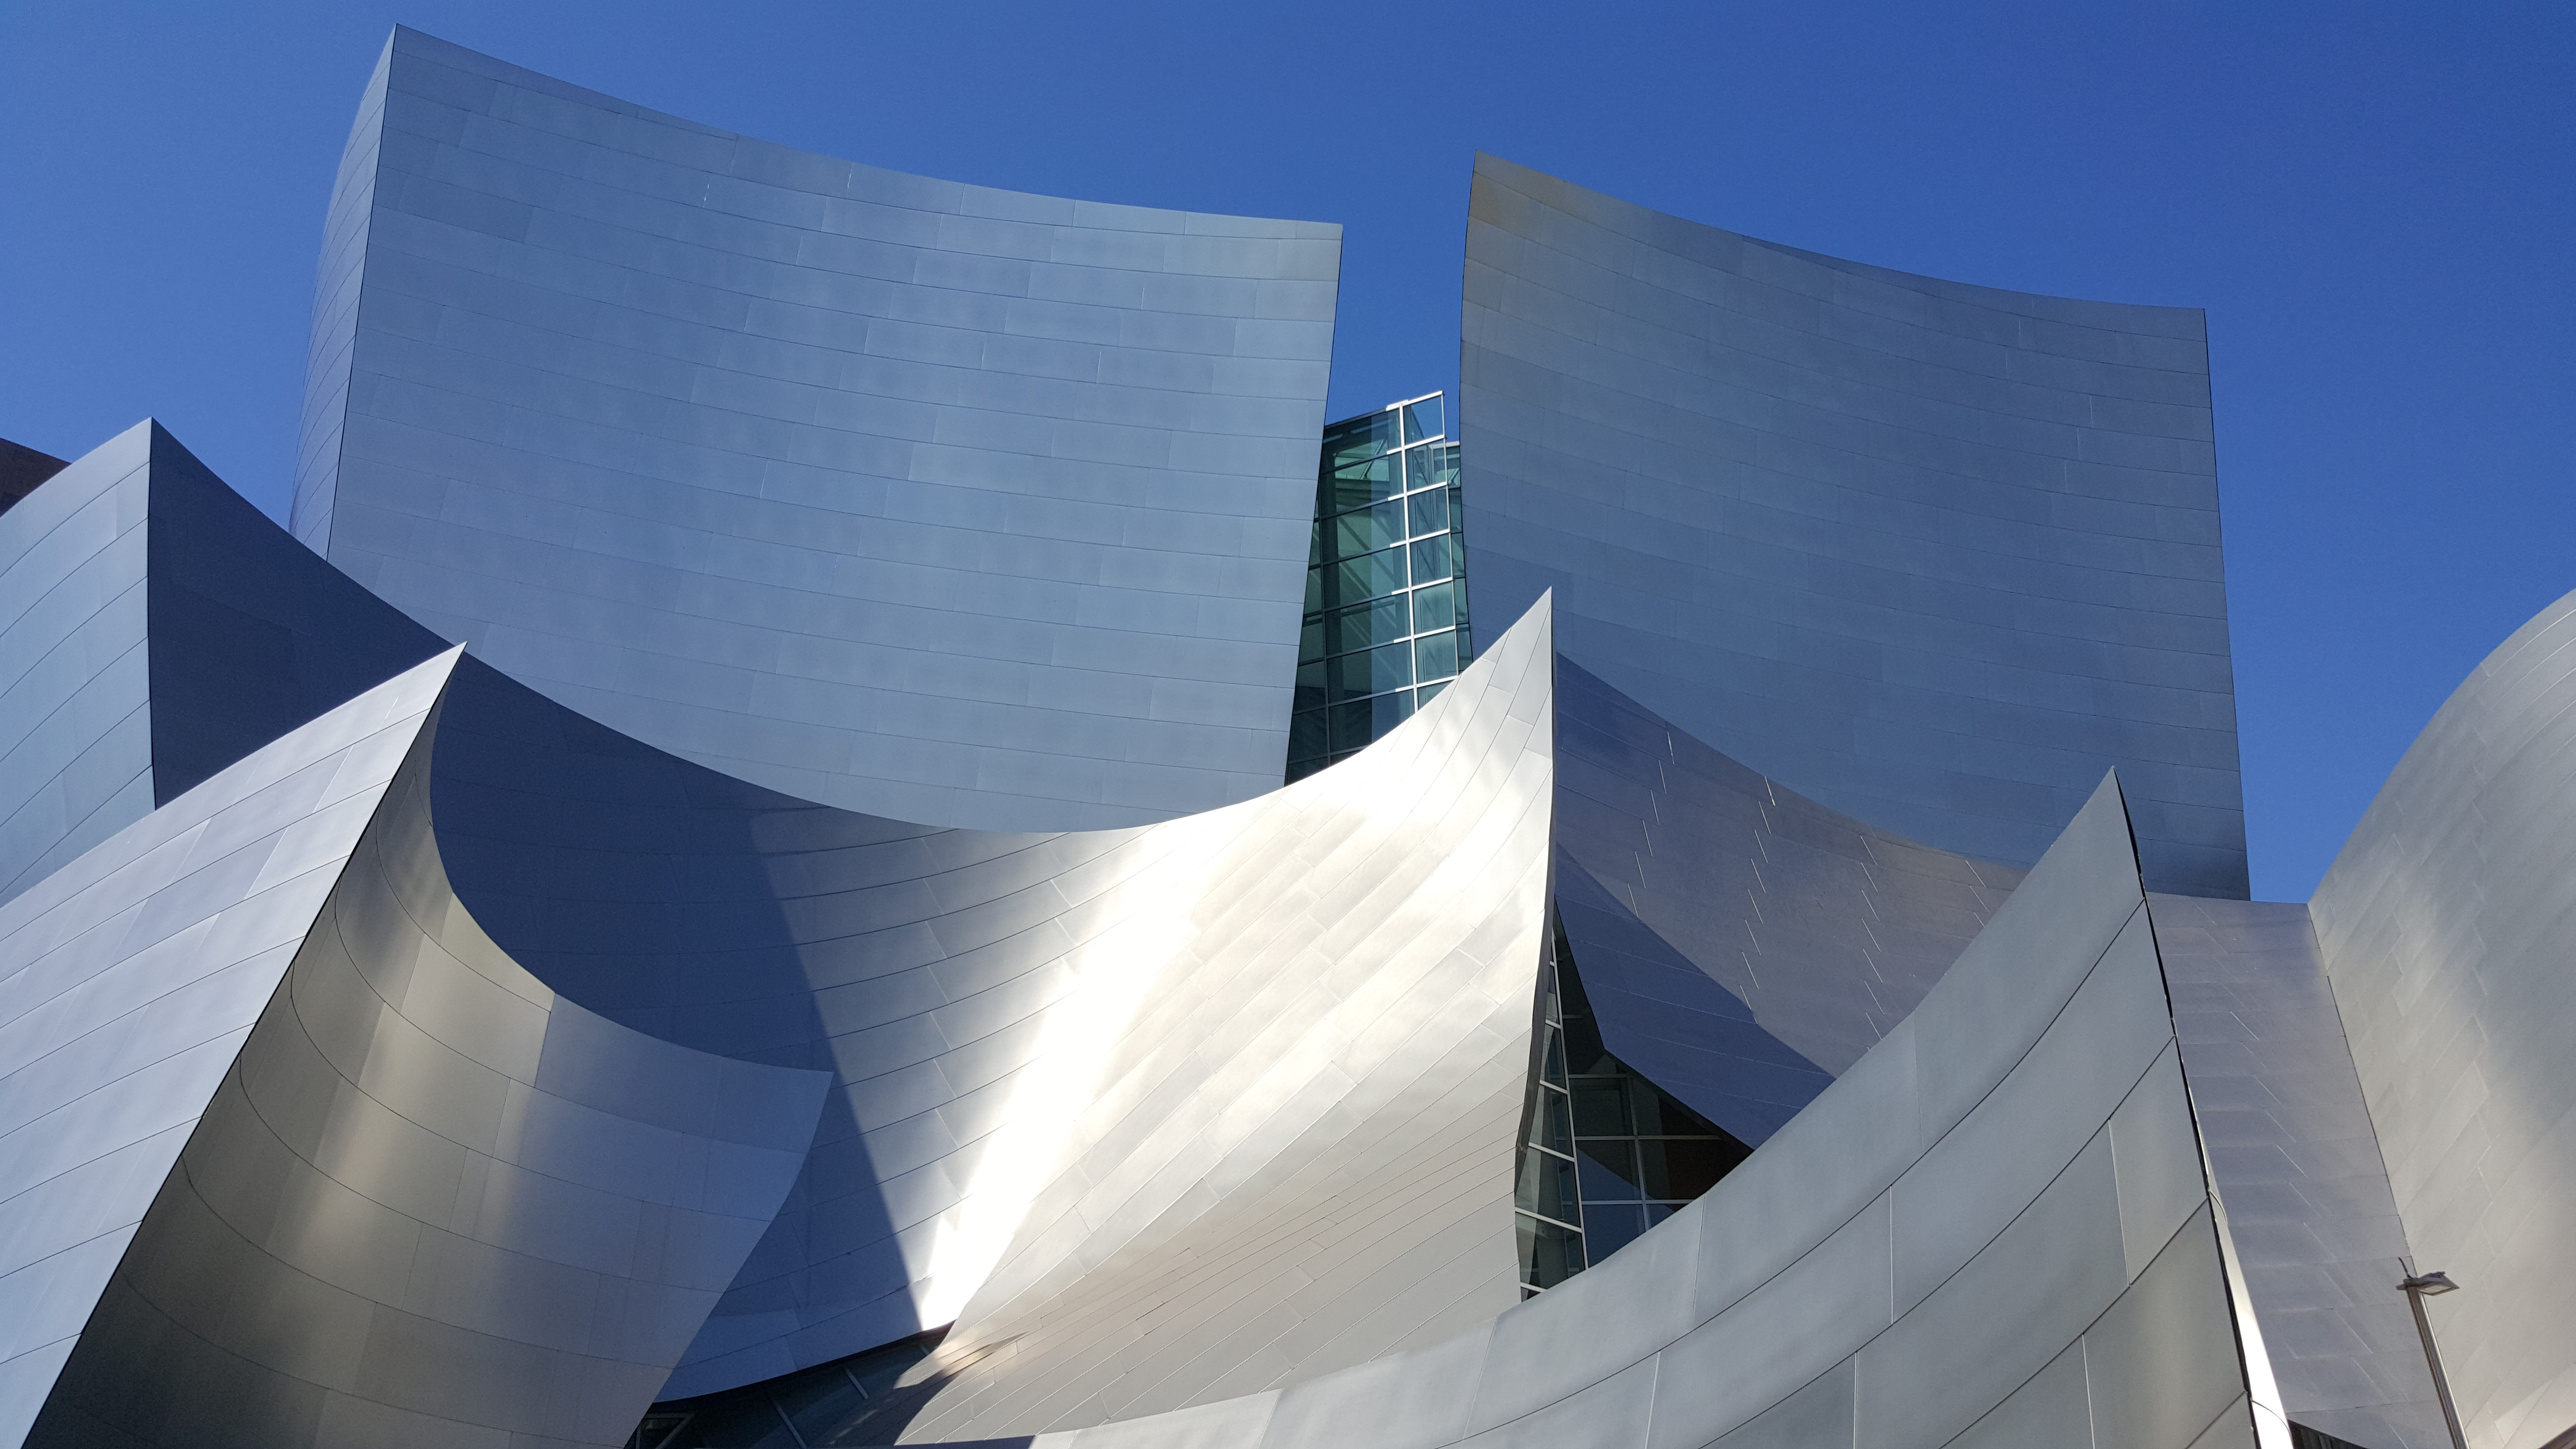 Disney Concert Hall do arquiteto canadense Frank Gehry